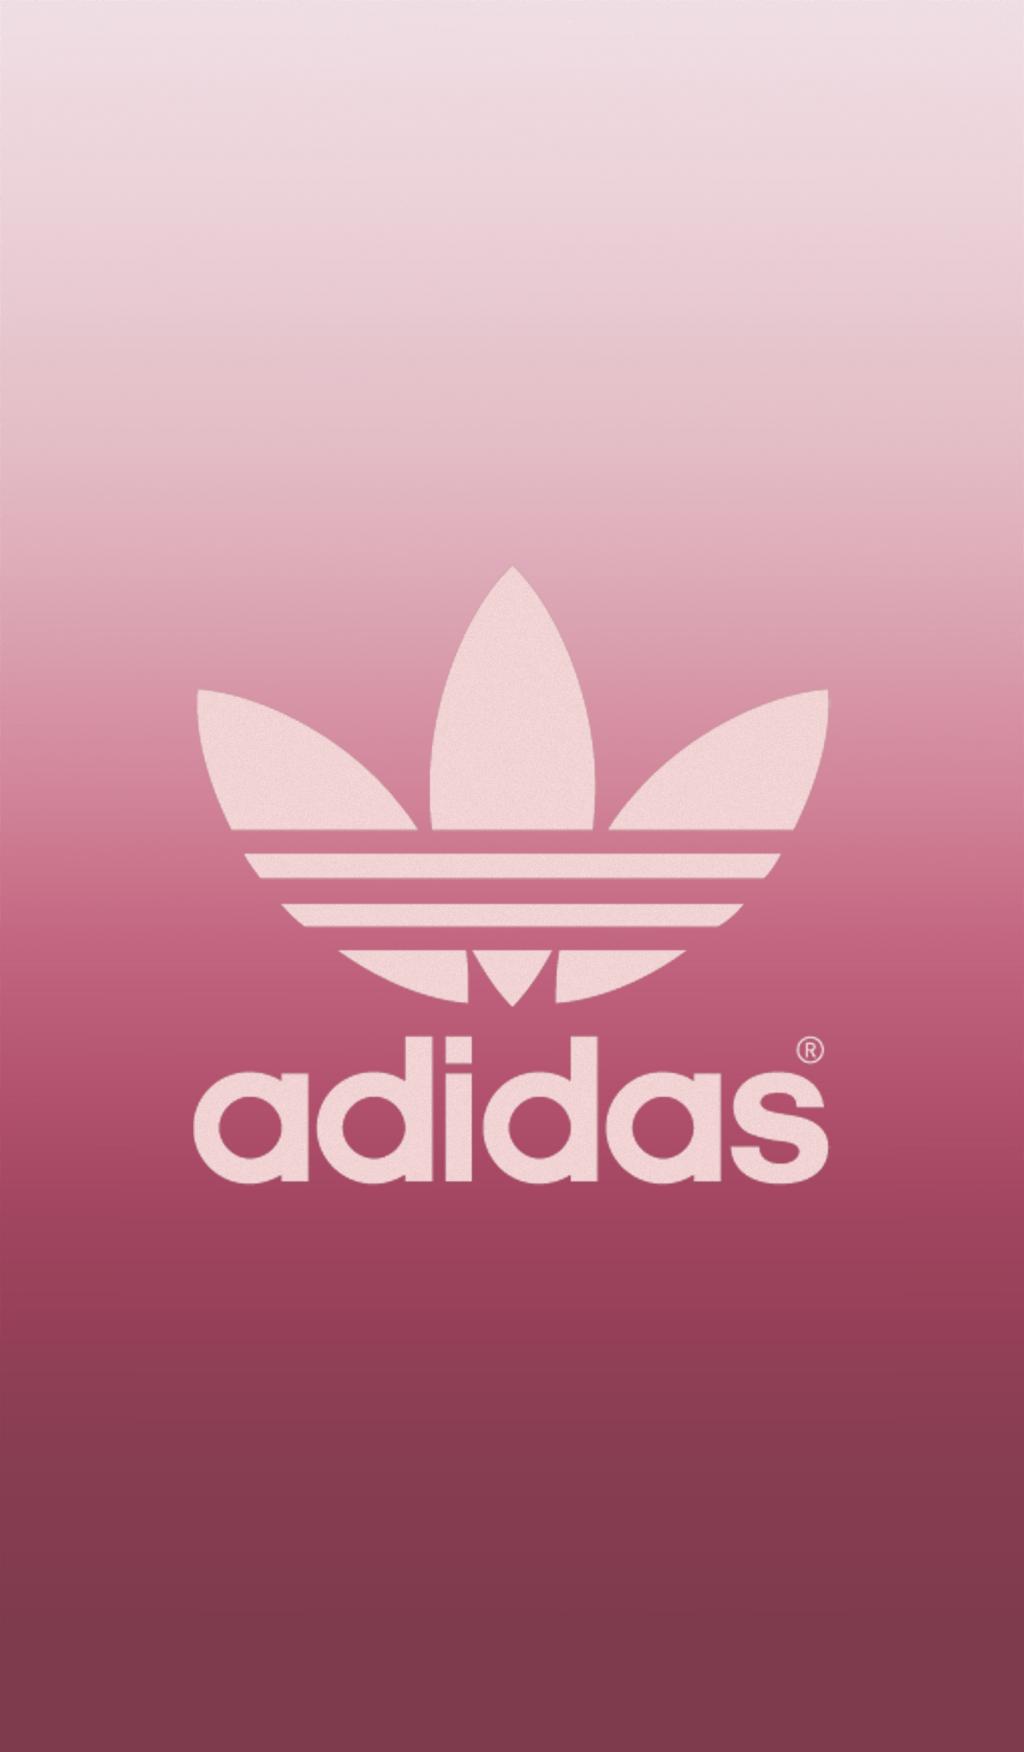 freetoedit adidas pink wallpaper.